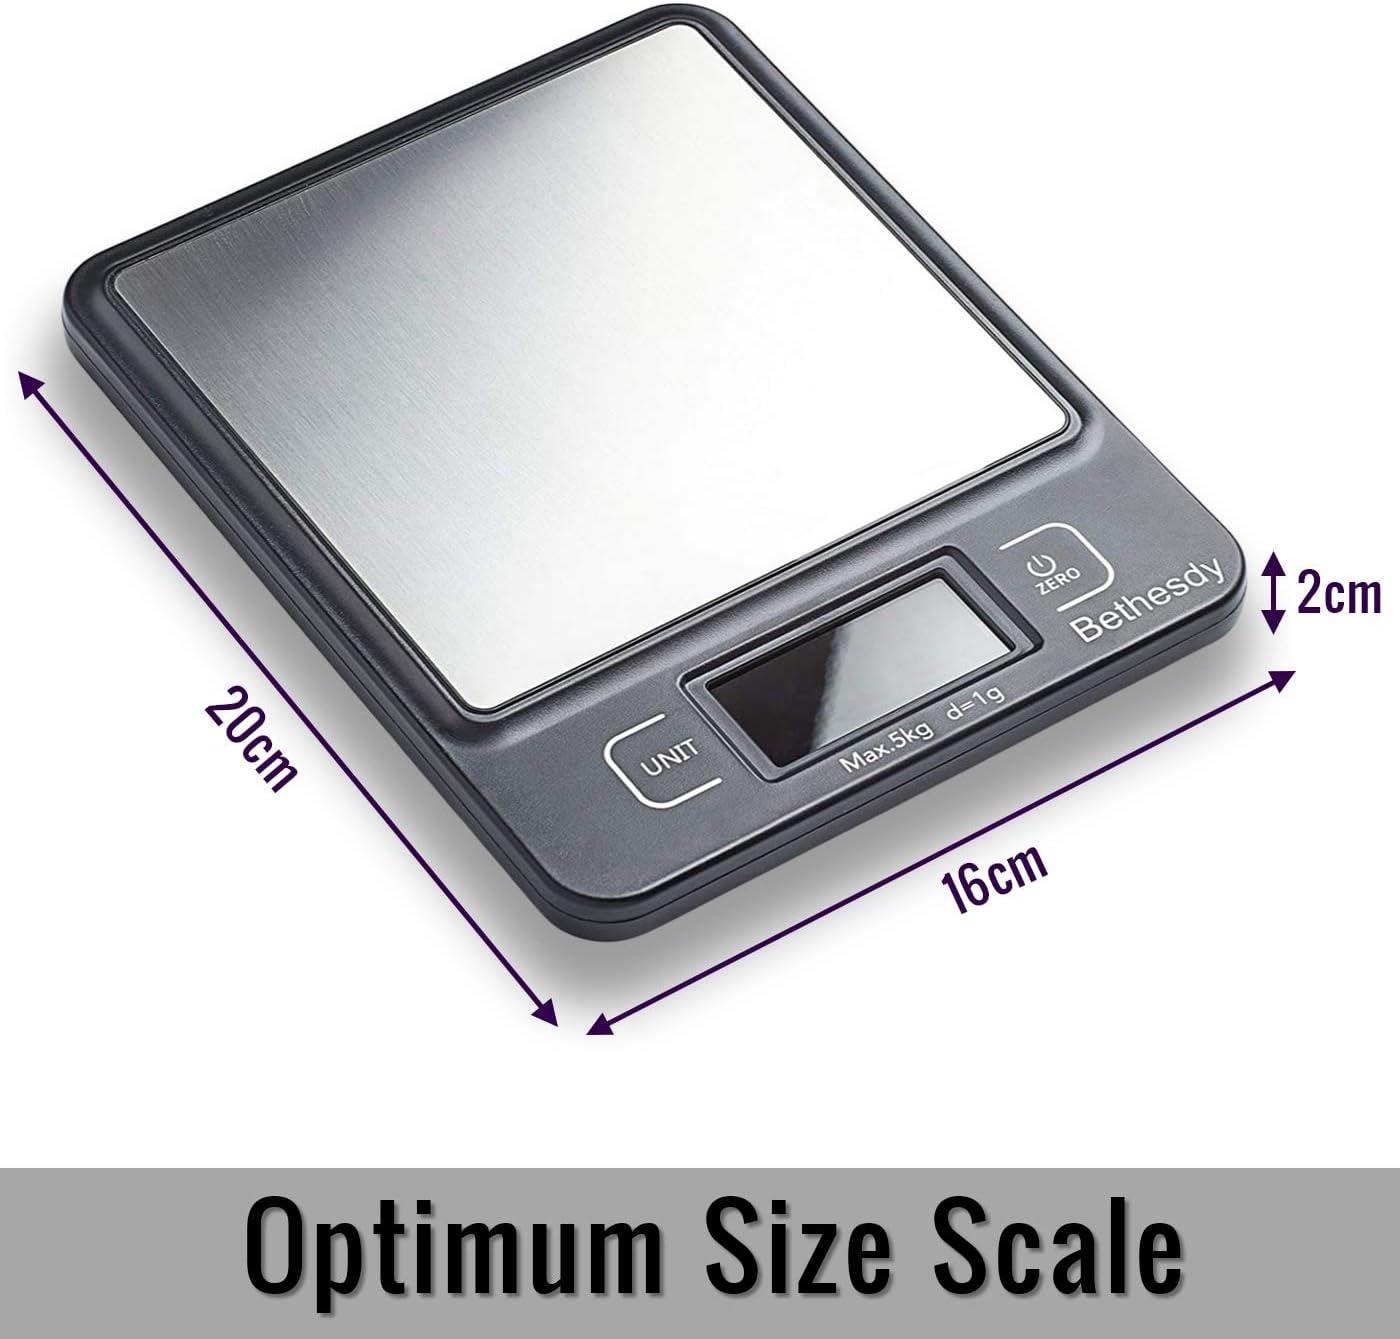 electr/ónicas con funci/ón de Tara 5000 g retroiluminada LCD para el hogar la Oficina y la Cocina Bethesdy B/ásculas Digitales de Cocina para Alimentos Delgadas de Alta precisi/ón